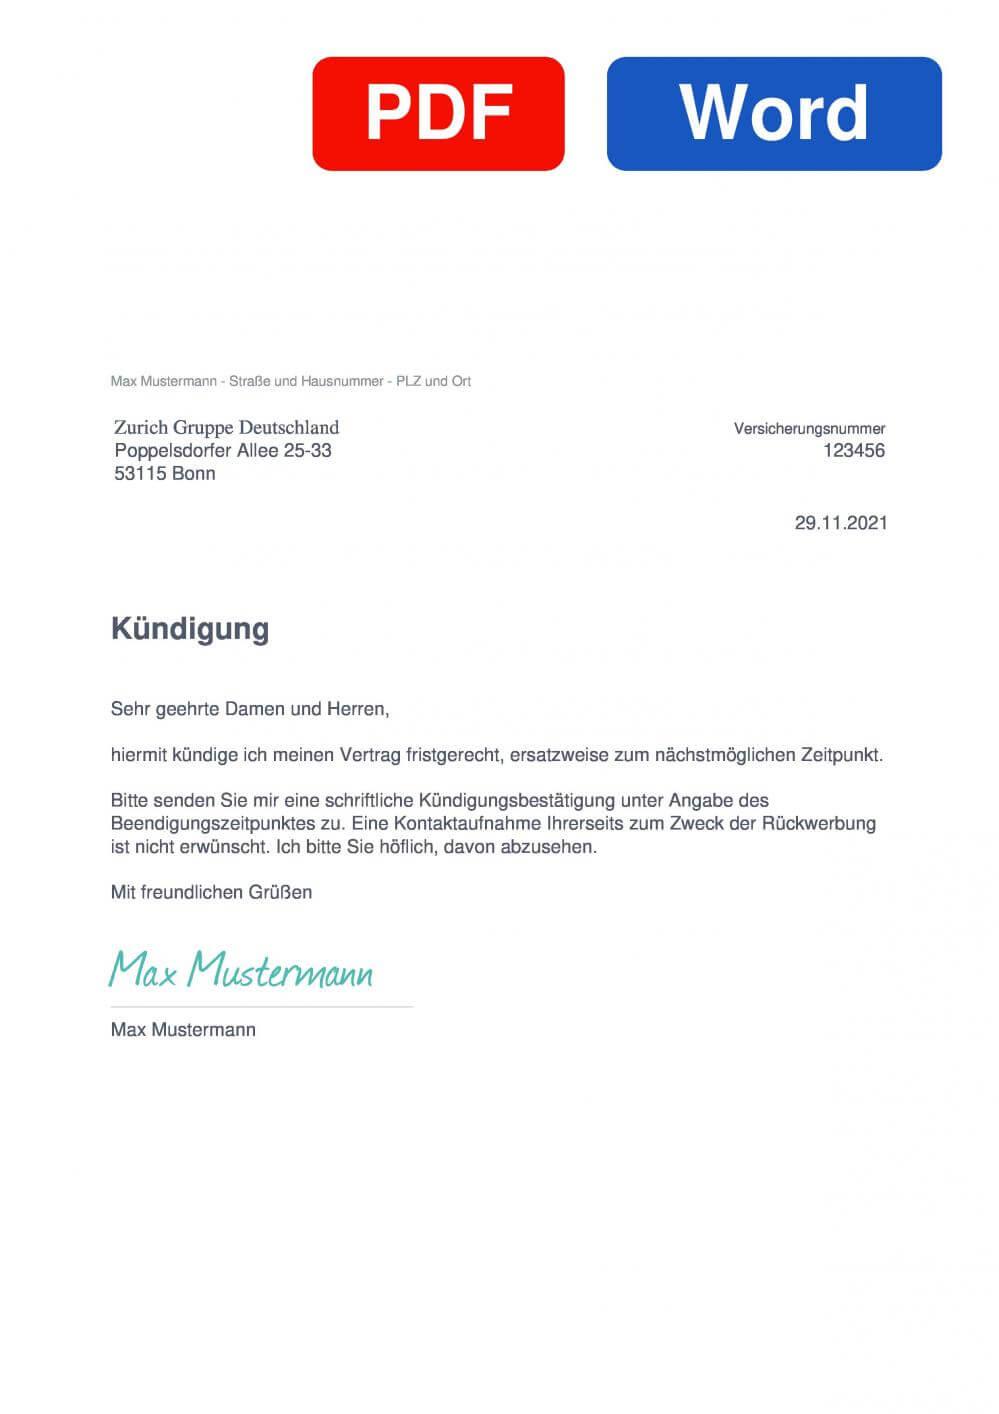 Zurich Unfallversicherung Muster Vorlage für Kündigungsschreiben